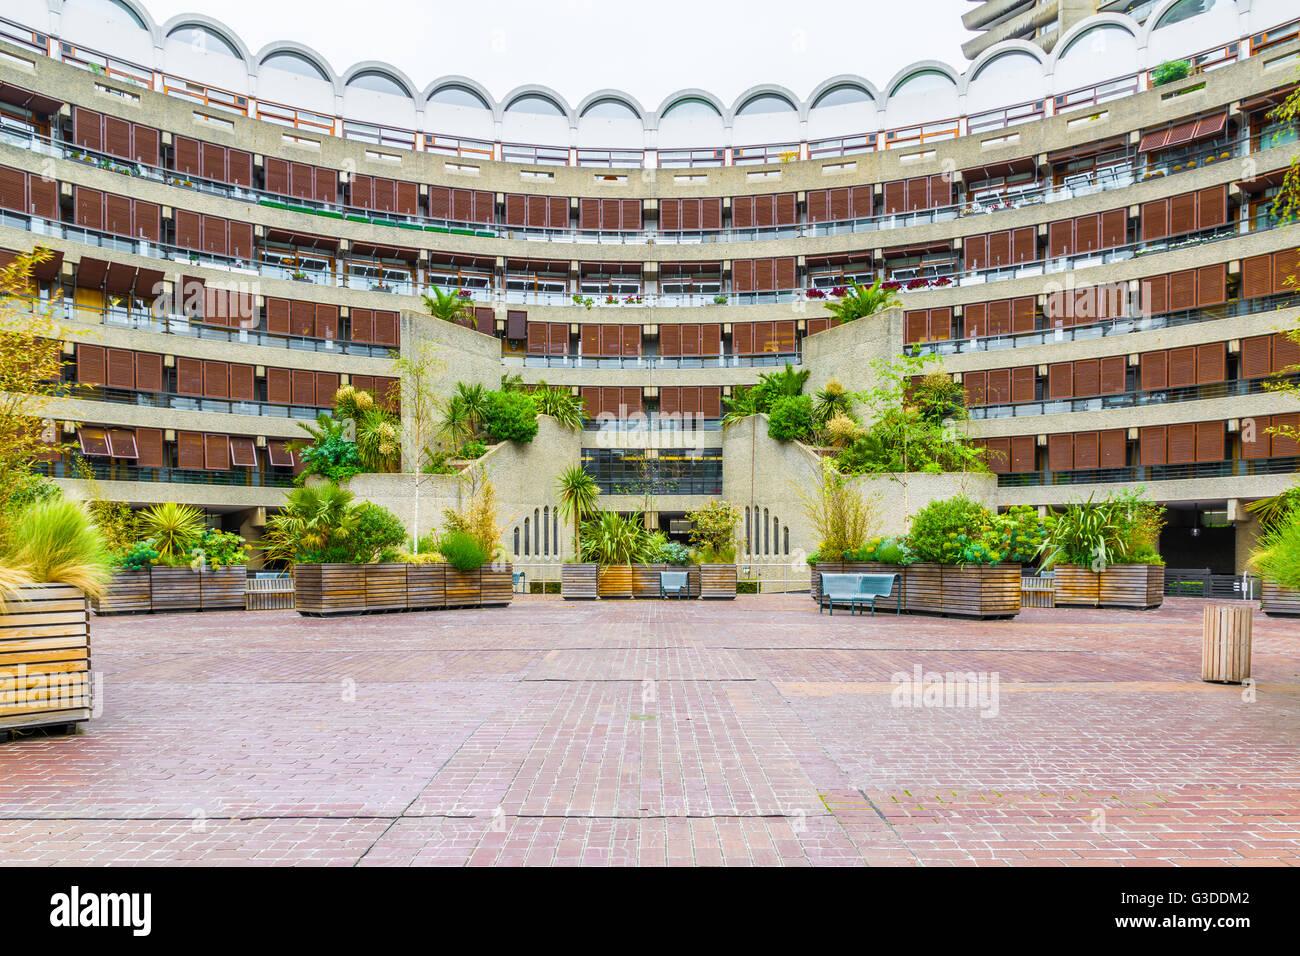 Arquitectura brutalist Frobisher Crescent, el edificio en el Complejo Barbican, Londres Foto de stock